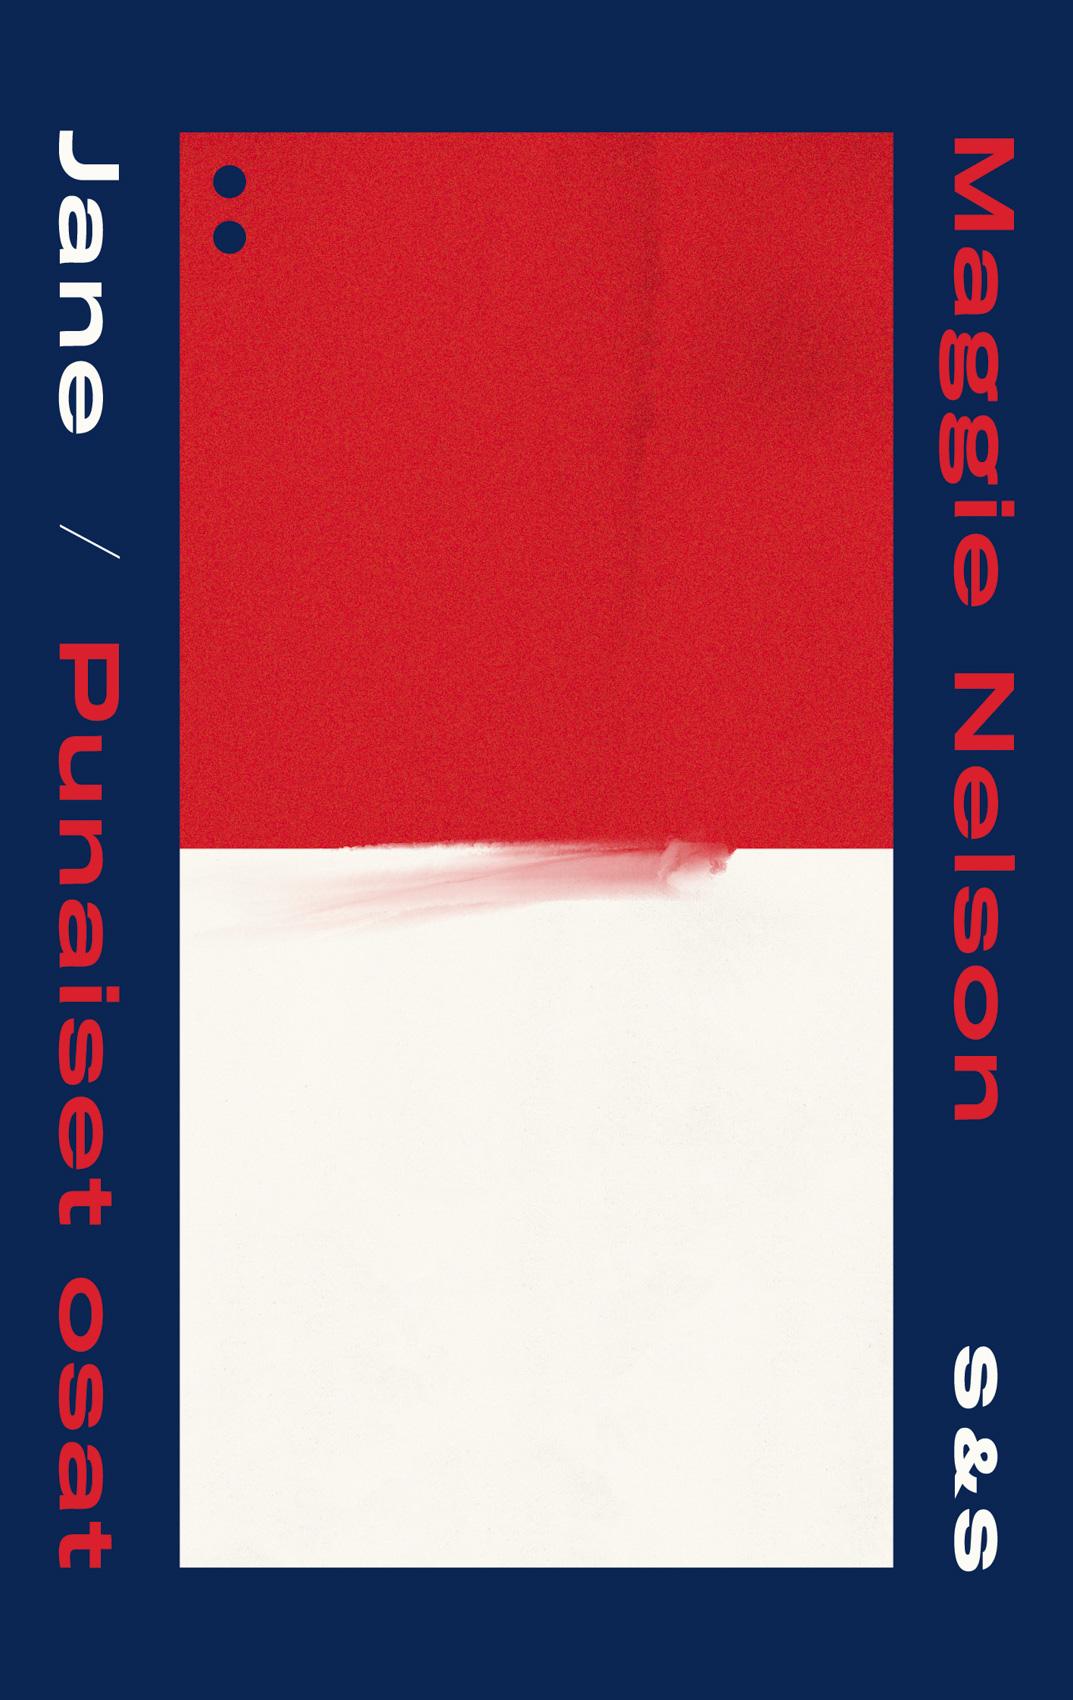 Jane / Punaiset osat -teoksen kansikuva